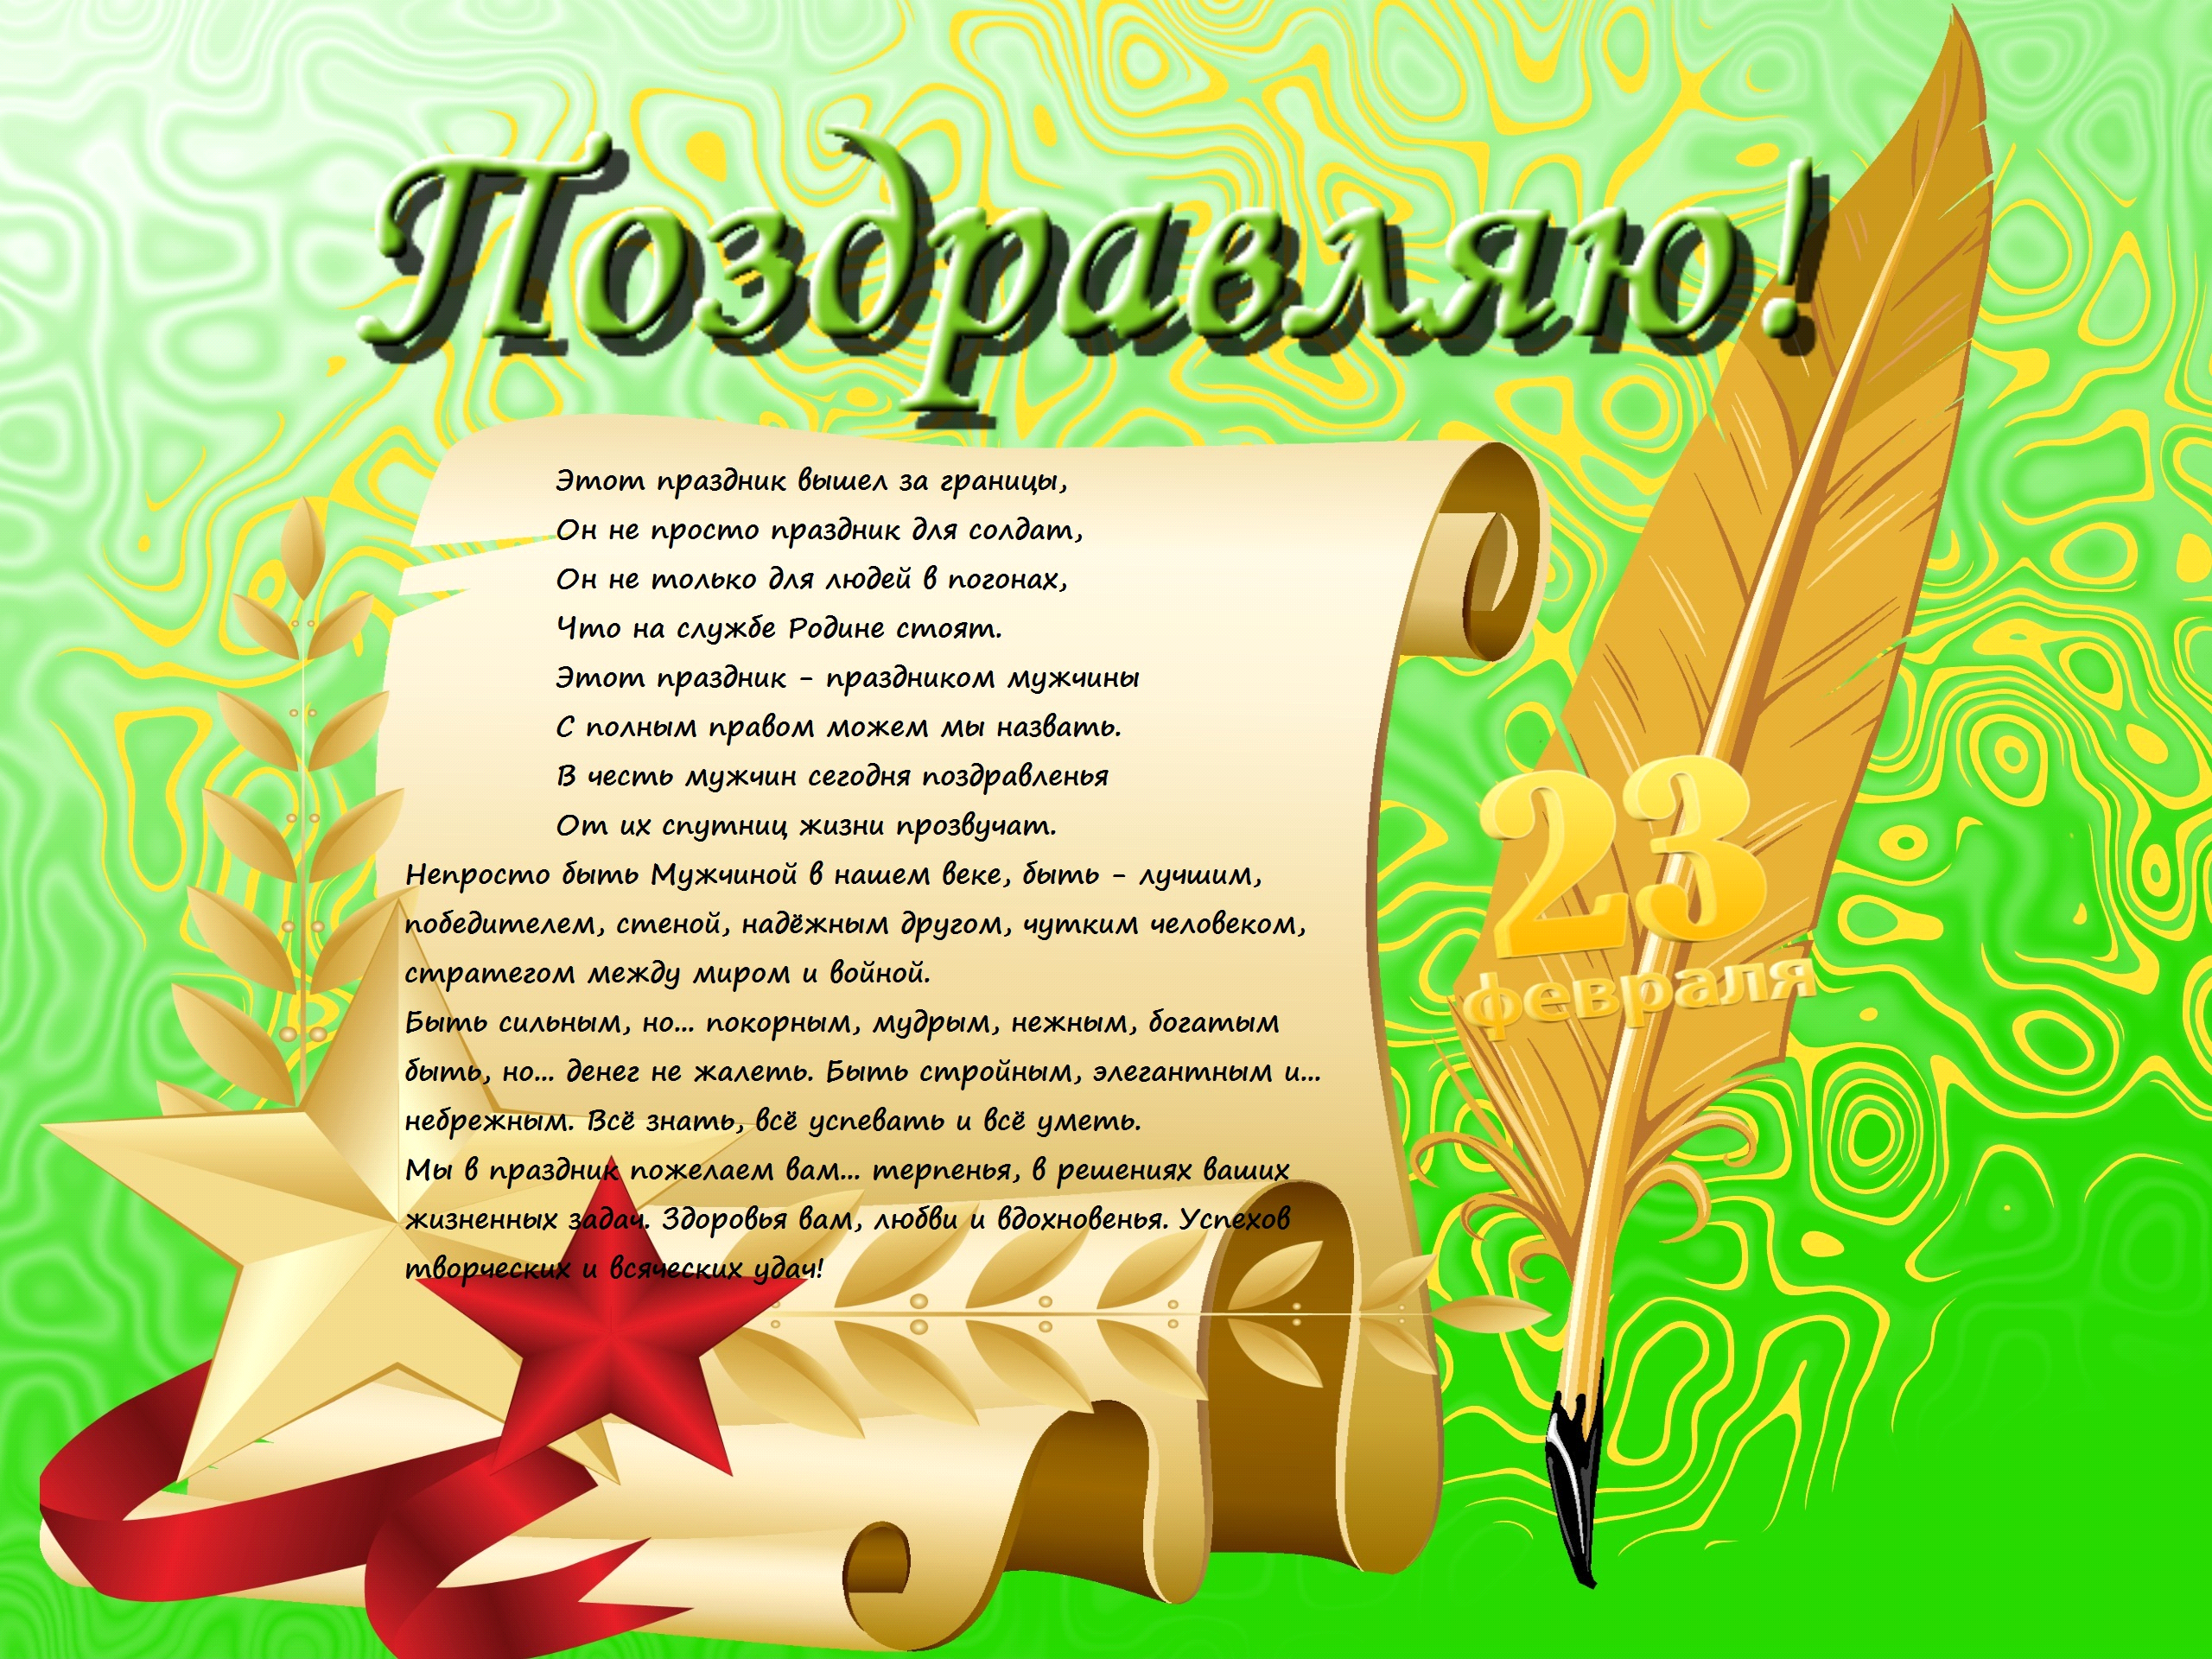 День защитника отечества 23 февраля 2020: как отдыхаем, что дарить, классные поздравления